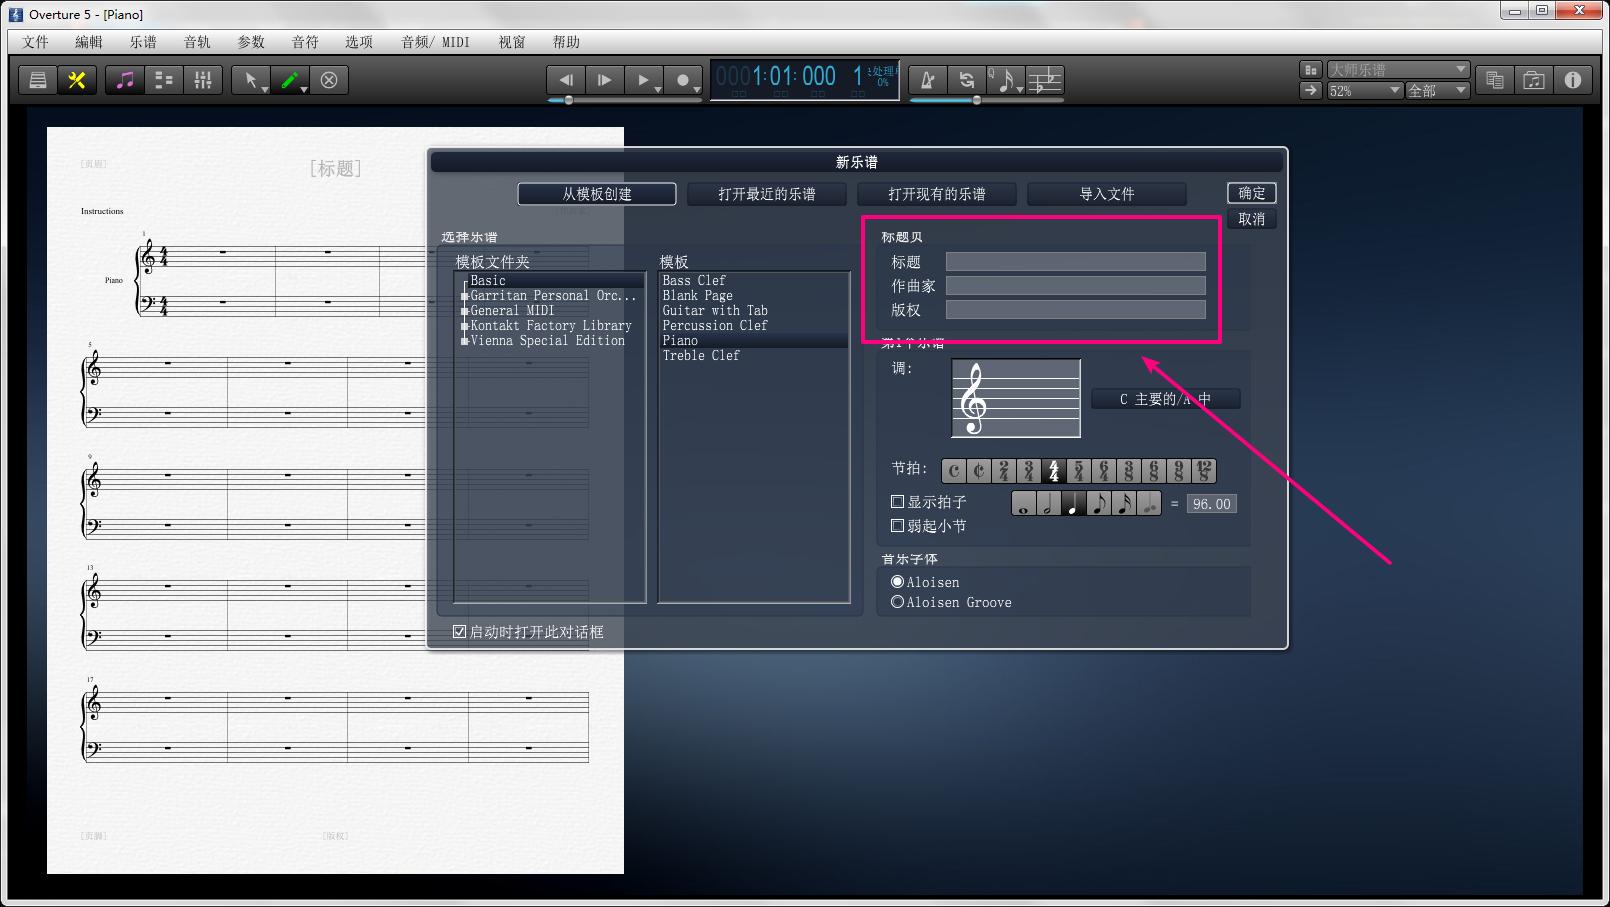 乐谱软件Overture界面谱表信息